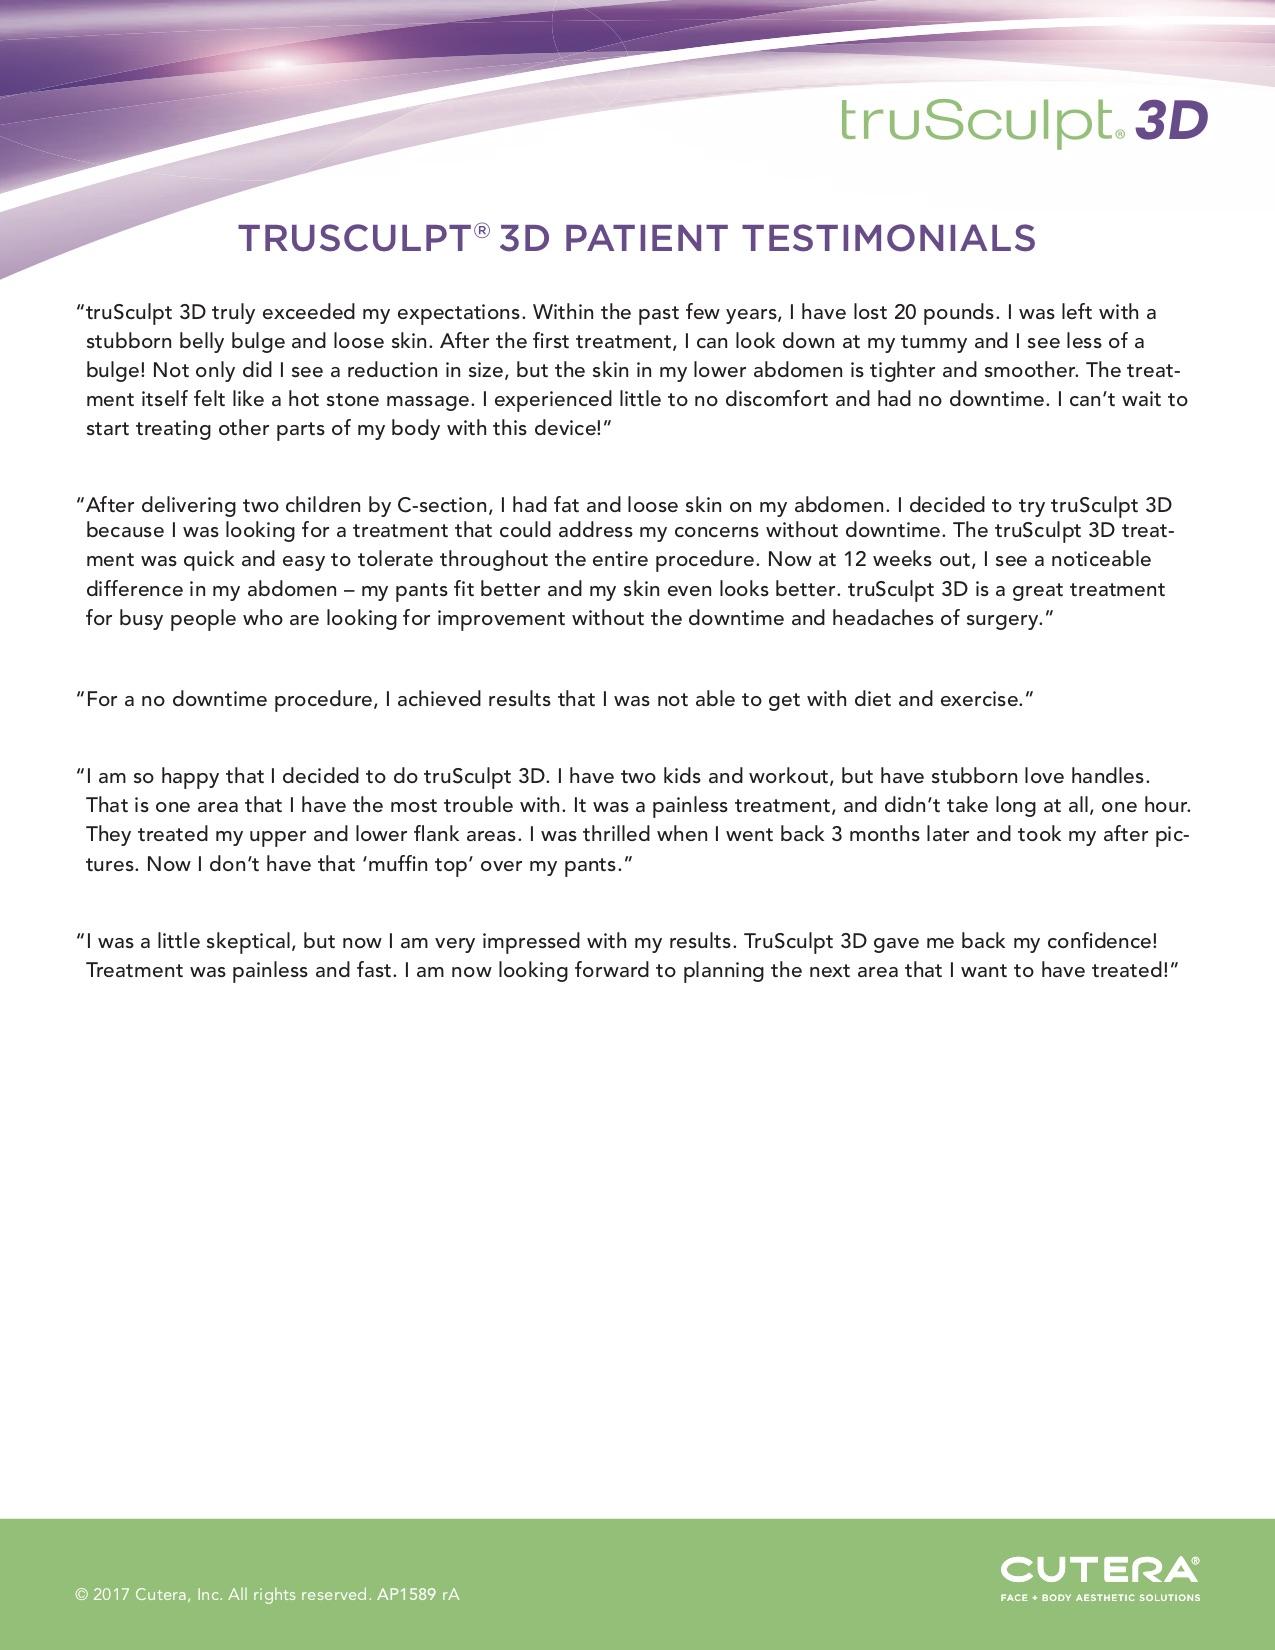 truSculpt-3D-Patient-Testimonials.jpg